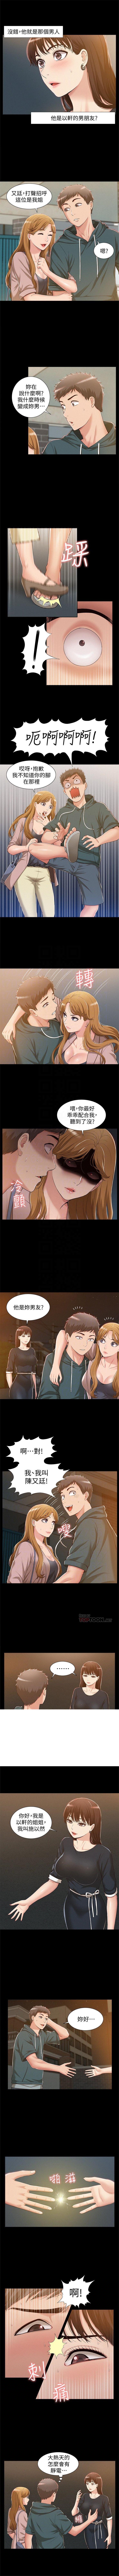 (周4)难言之隐 1-19 中文翻译(更新中) 45